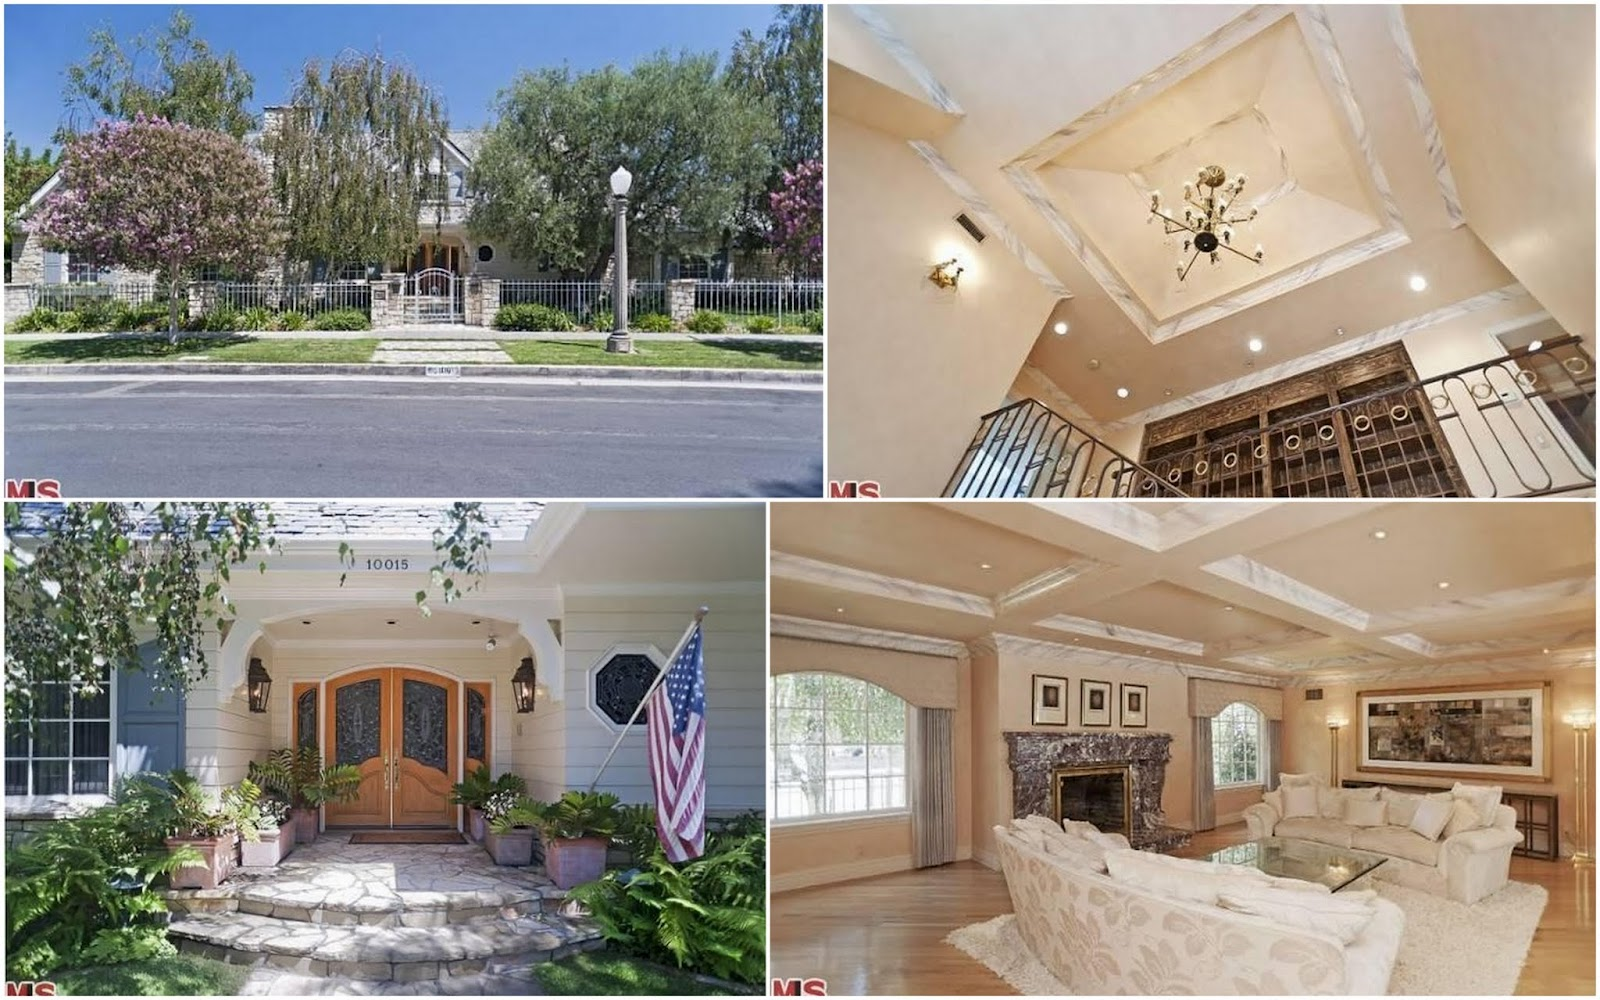 Celebrity real estate jennifer love hewitt lists and Celebrity real estate pictures